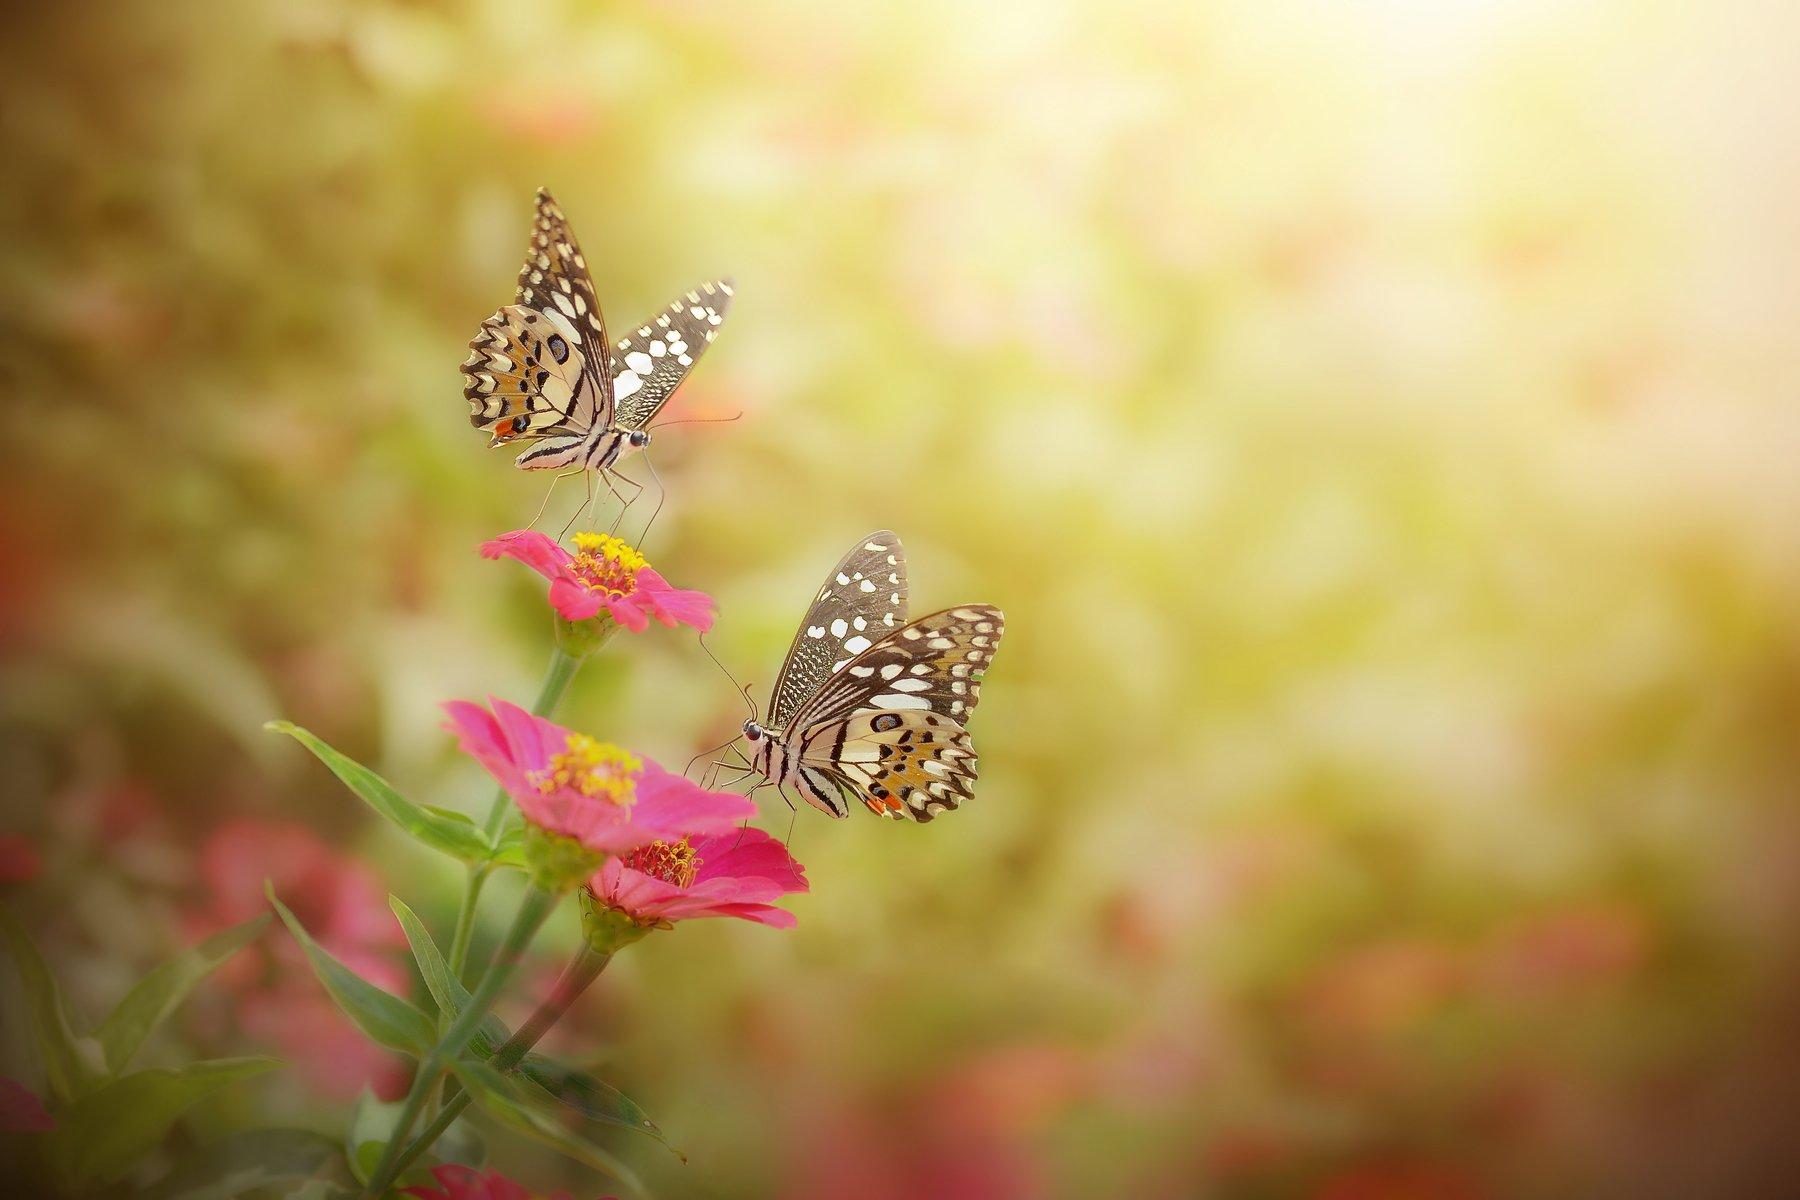 macro, beauty, insect, background, beauty, beautiful, background, backyard, nature, art, wild, flowers,, Muhammad Andan